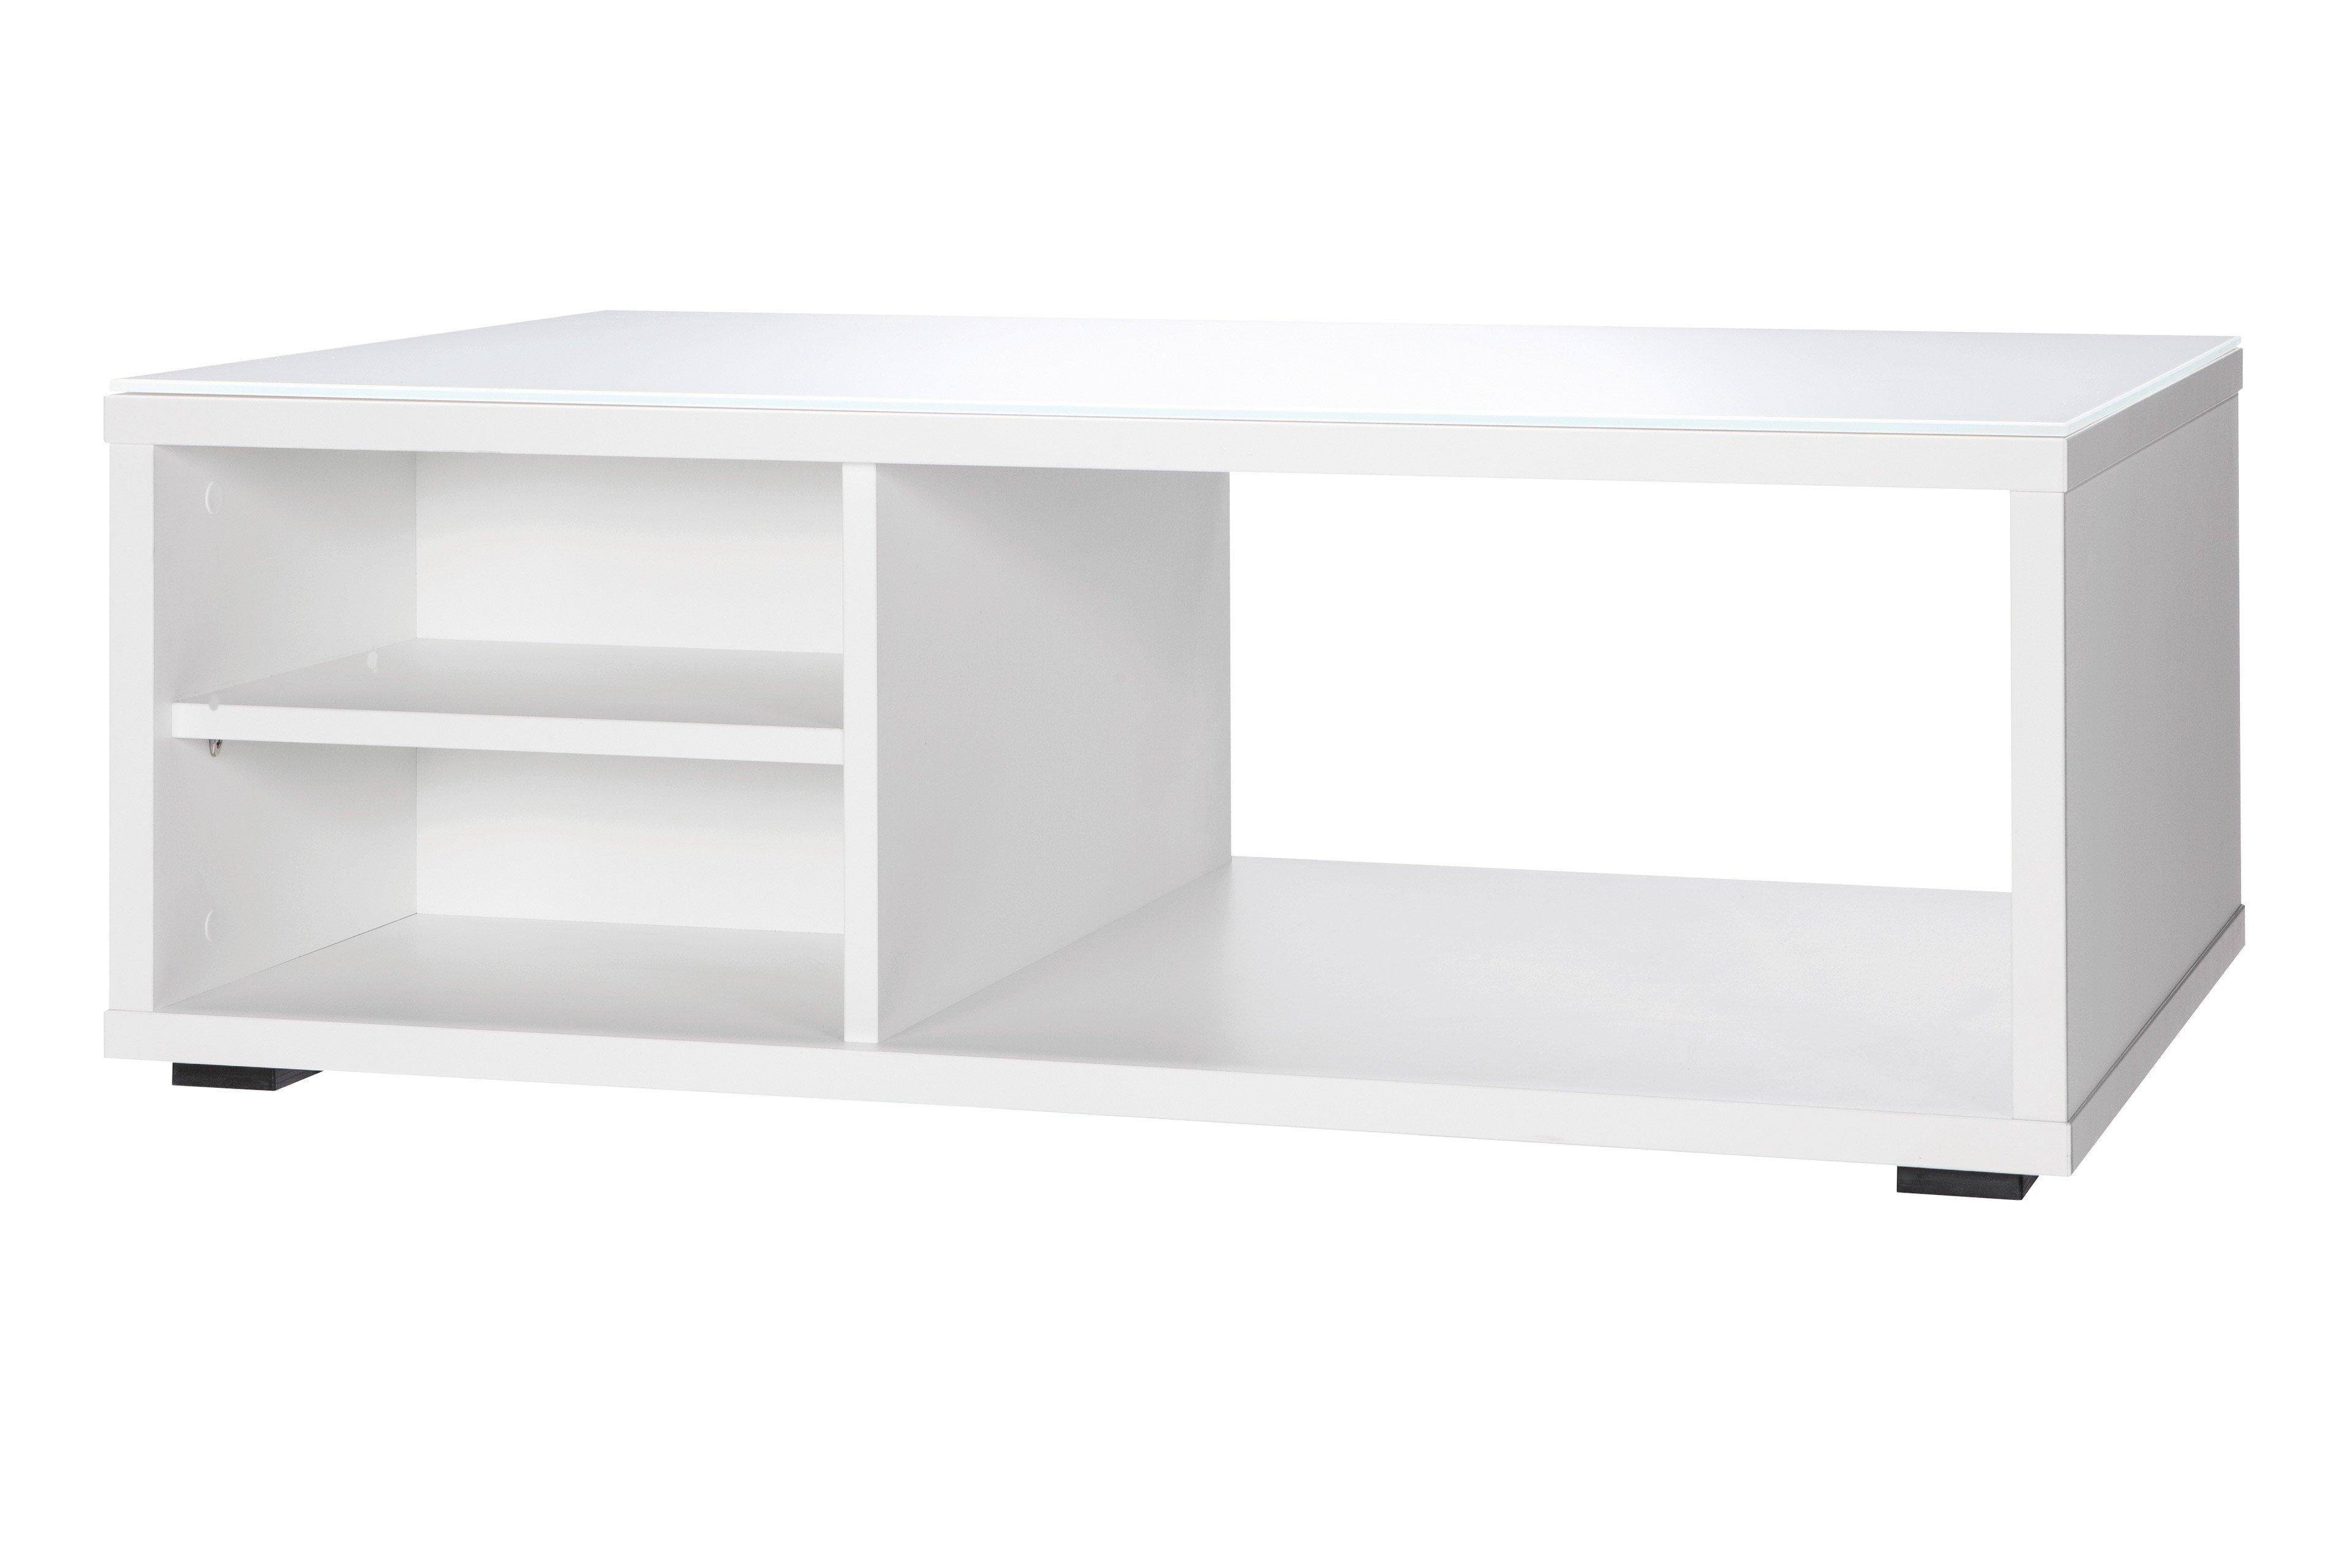 cs schmalm bel couchtisch cleo wei m bel letz ihr. Black Bedroom Furniture Sets. Home Design Ideas